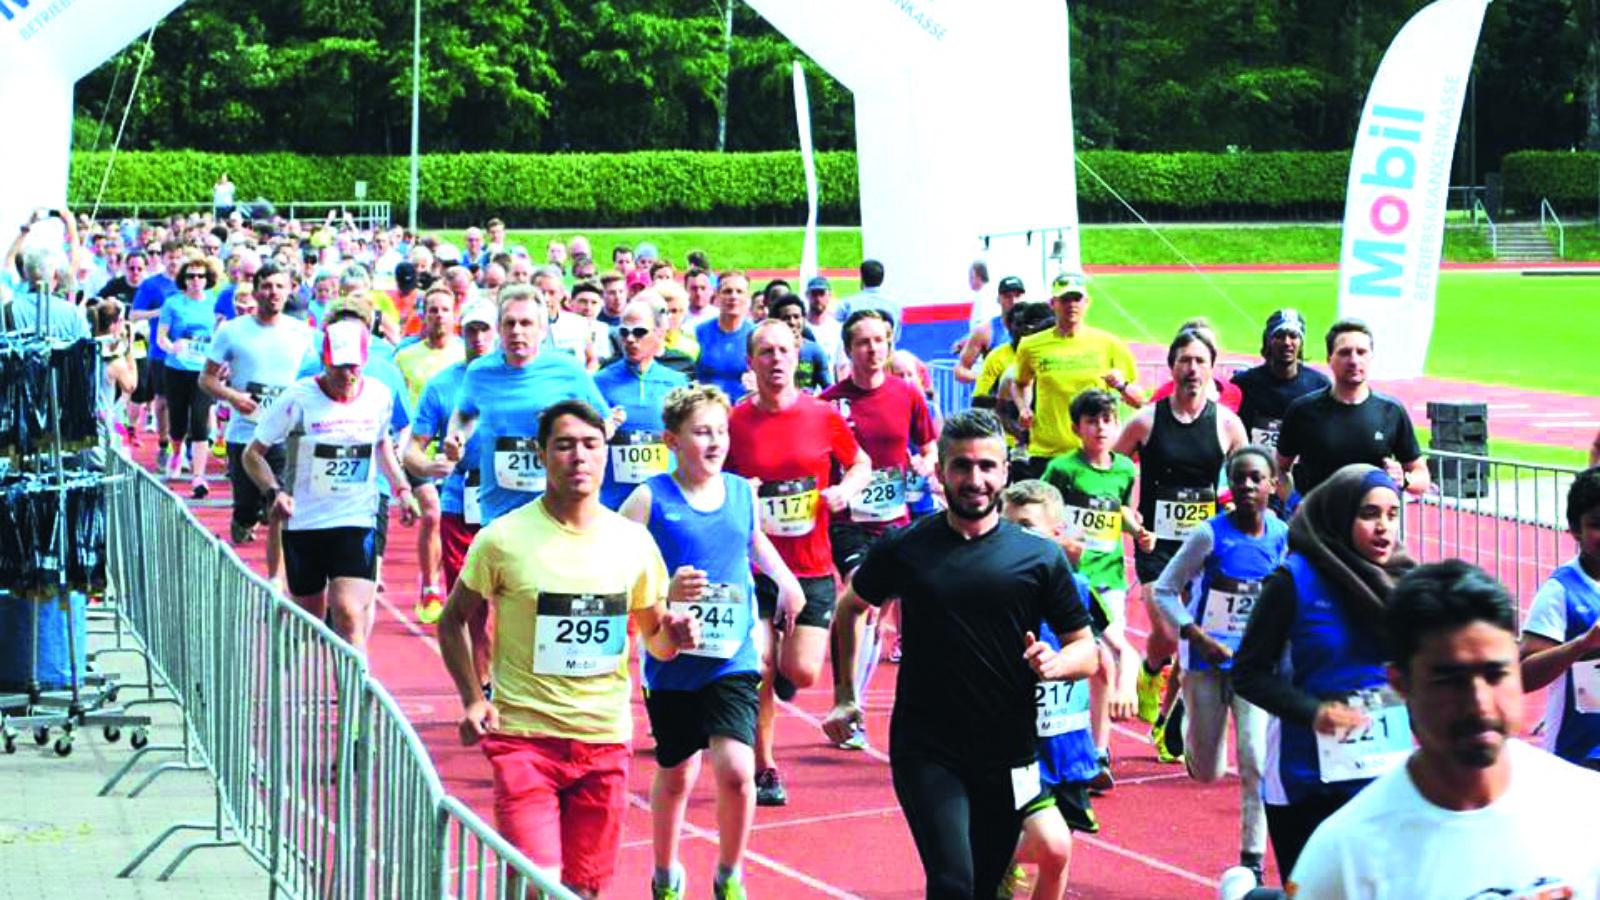 Sport und Spaß beim RUN FUN DAY